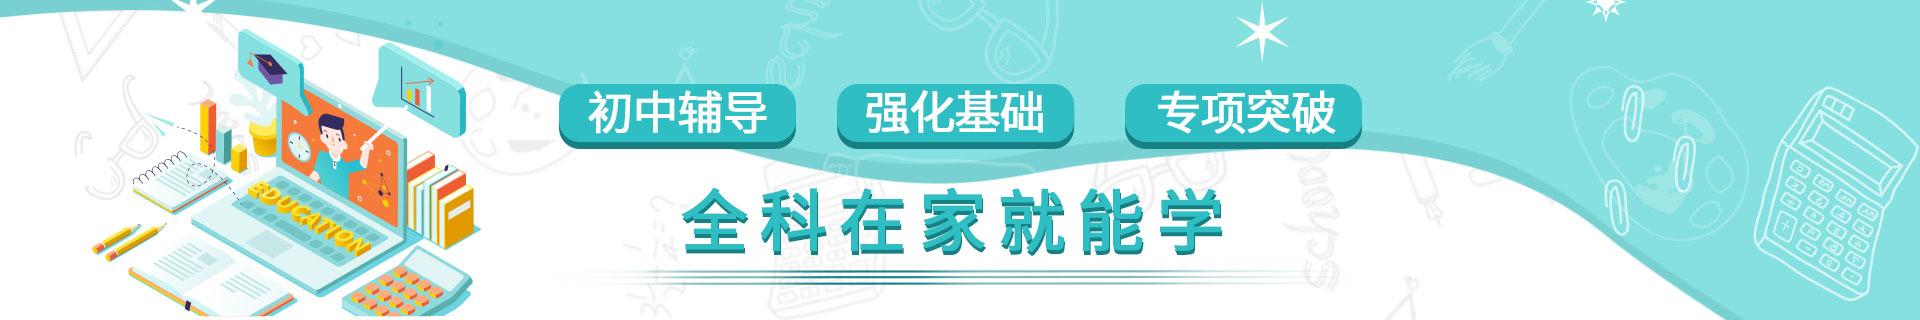 郑州中原区励学个性化教育